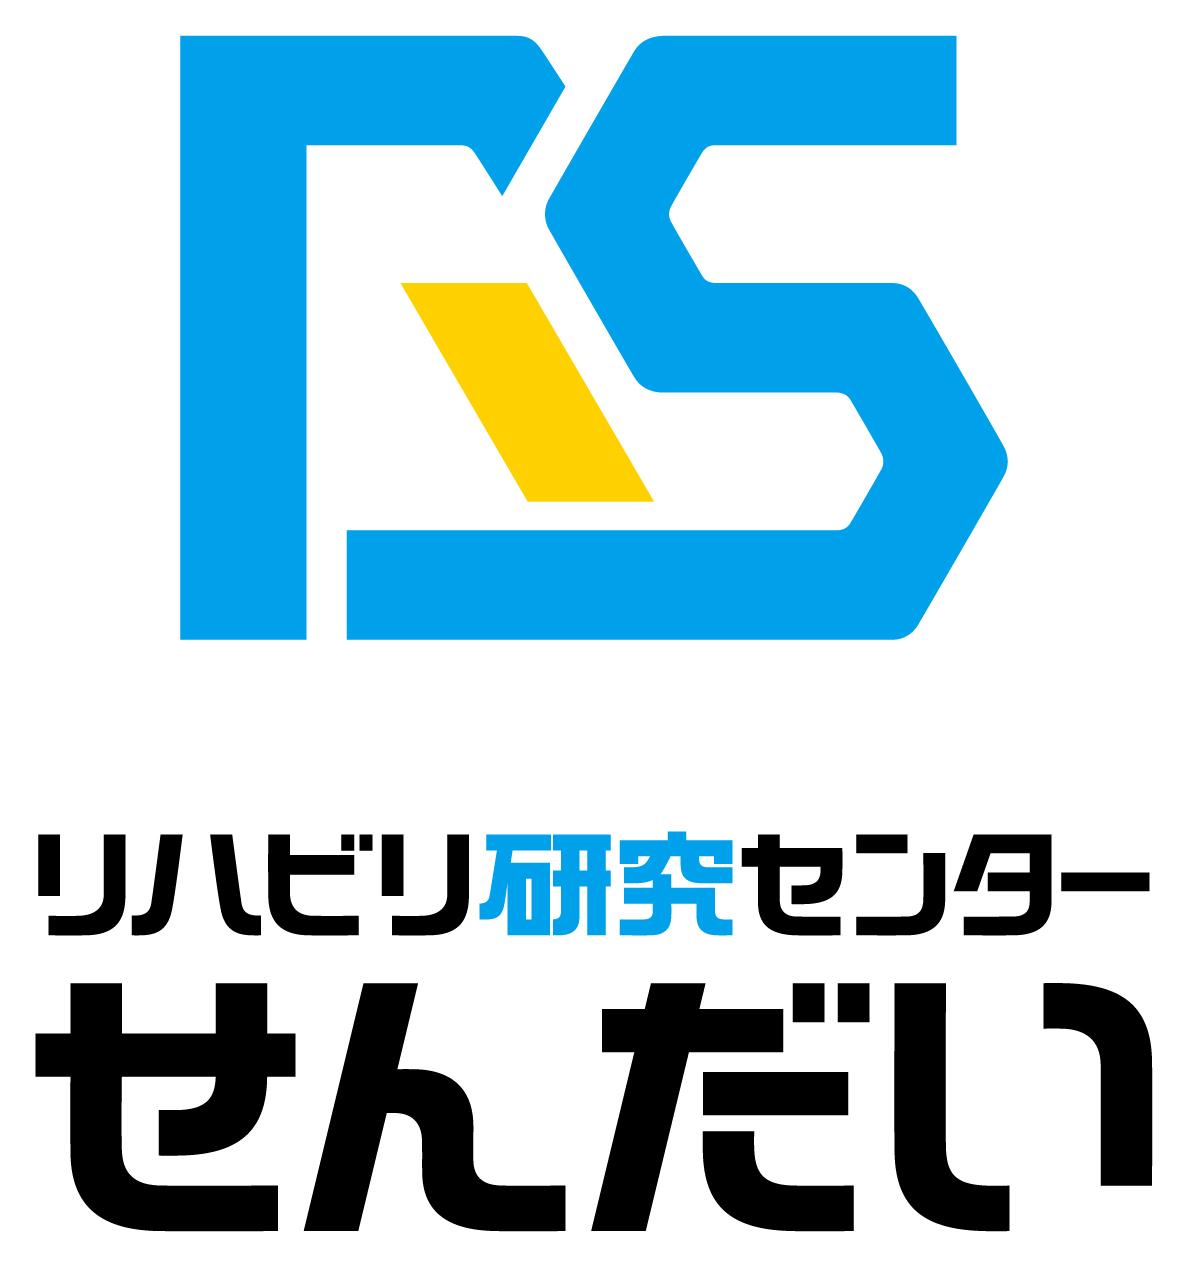 病院/クリニック/治療院/薬局と堅め/堅実と黄のロゴ